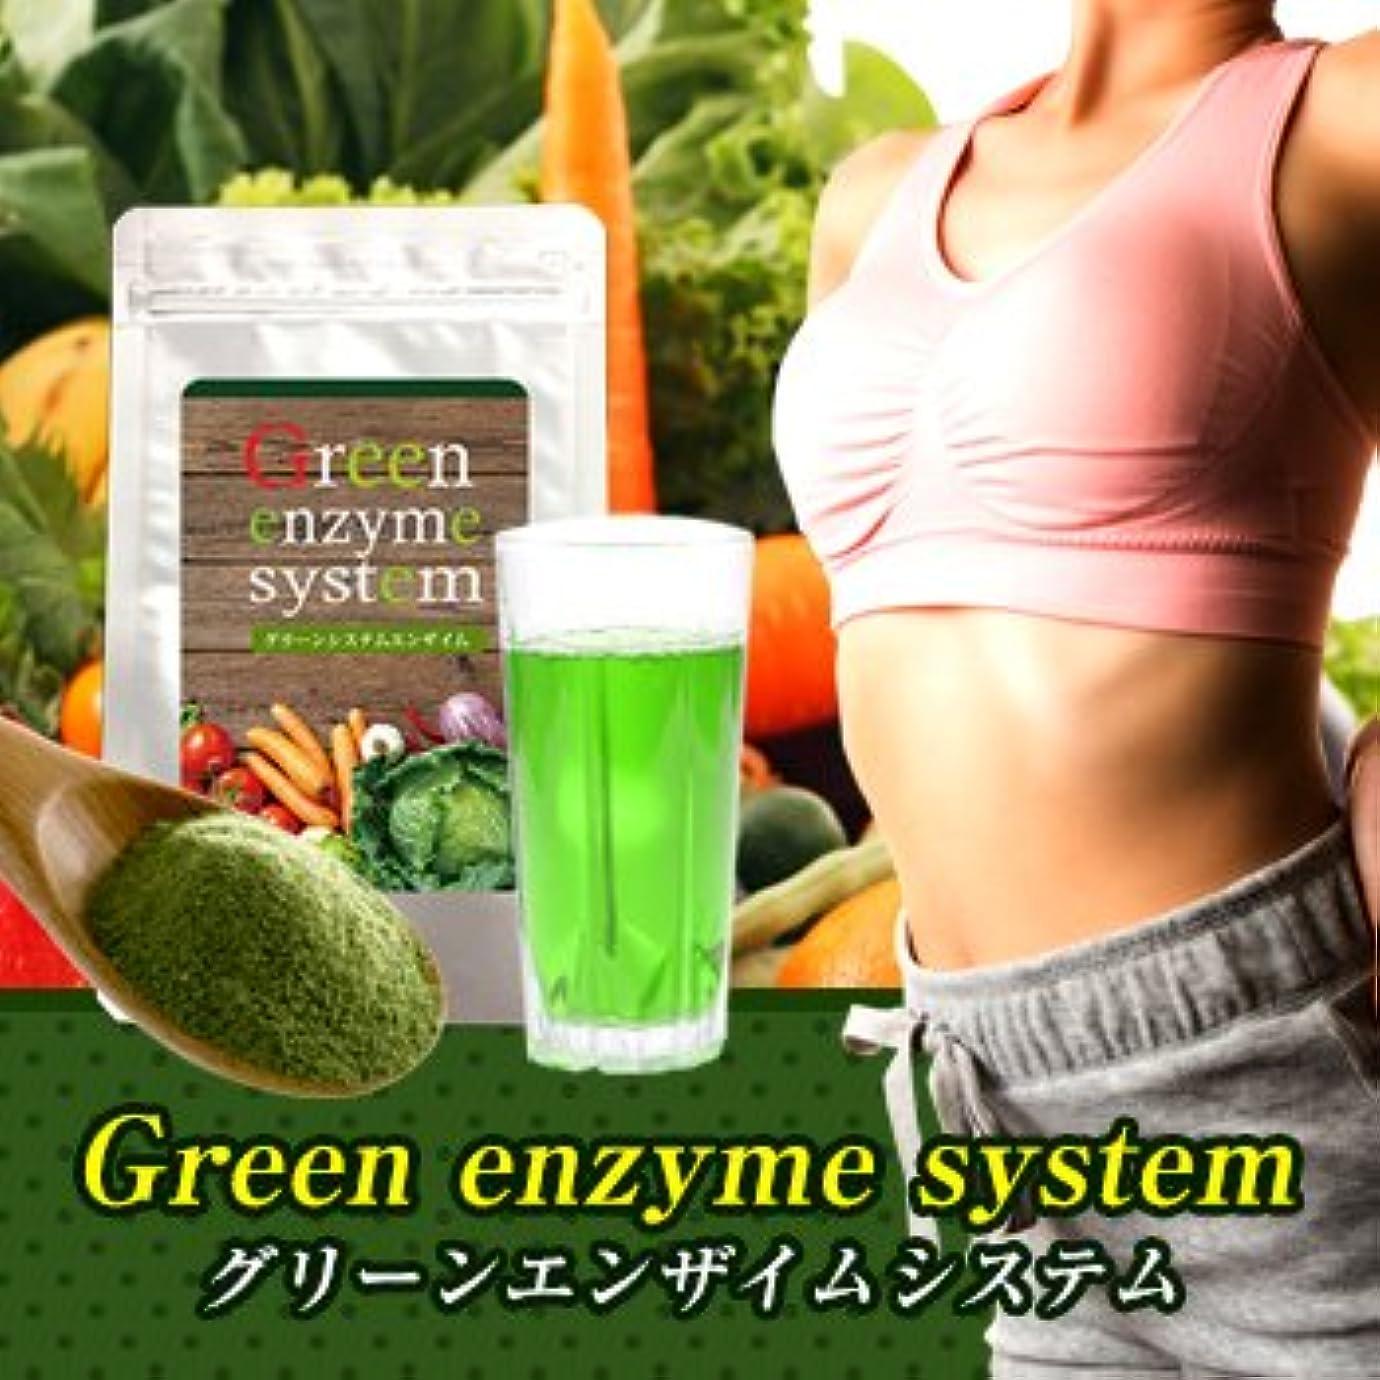 Green enzyme system(グリーンエンザイムシステム)